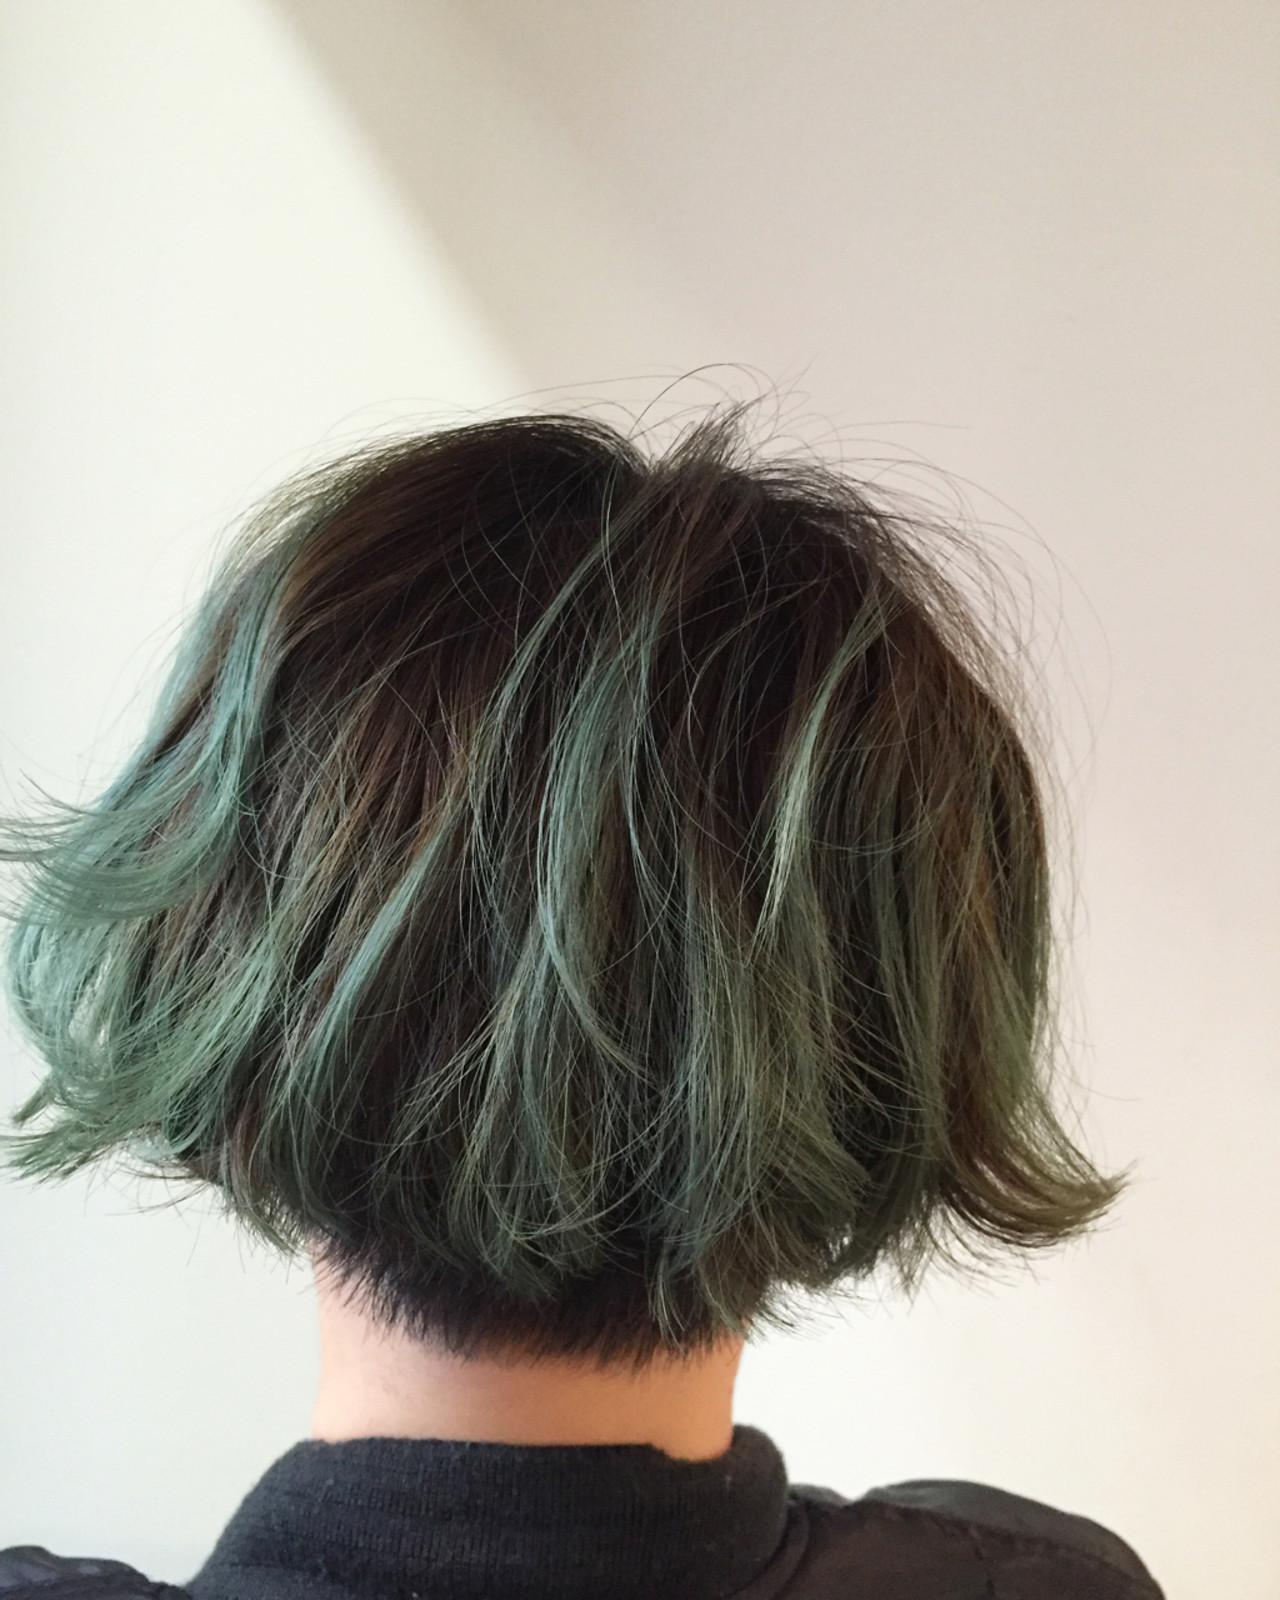 緑の髪色で作る透明感♡ナチュラル個性派髪色に挑戦したいアナタに♡の10枚目の画像